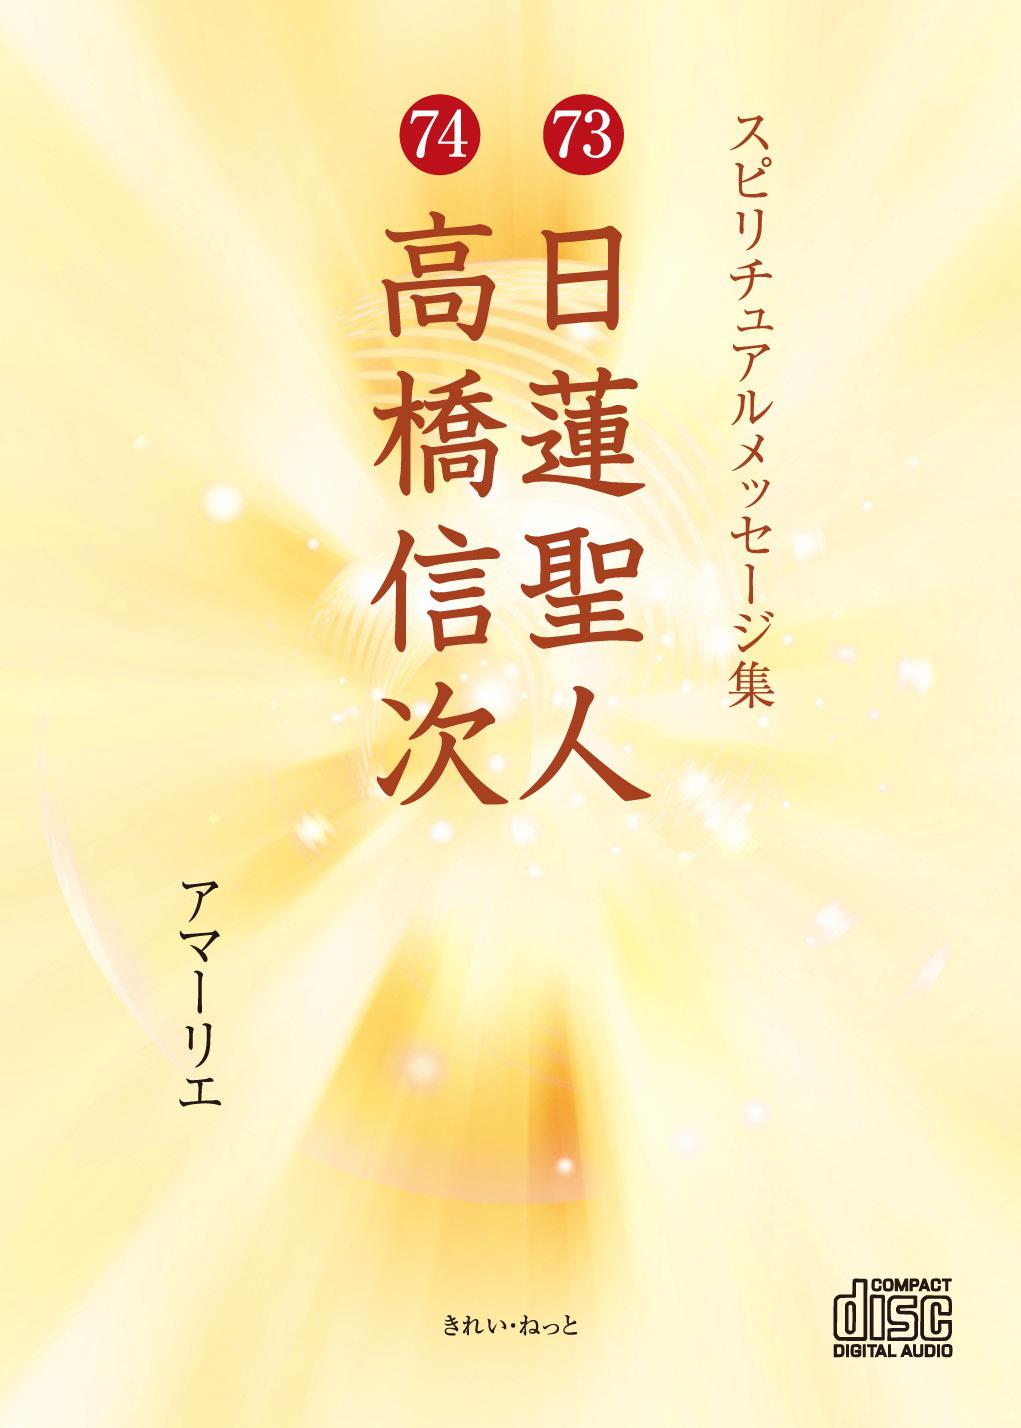 画像1: スピリチュアルメッセージ集CD 73 日蓮聖人 74 高橋信次 (1)